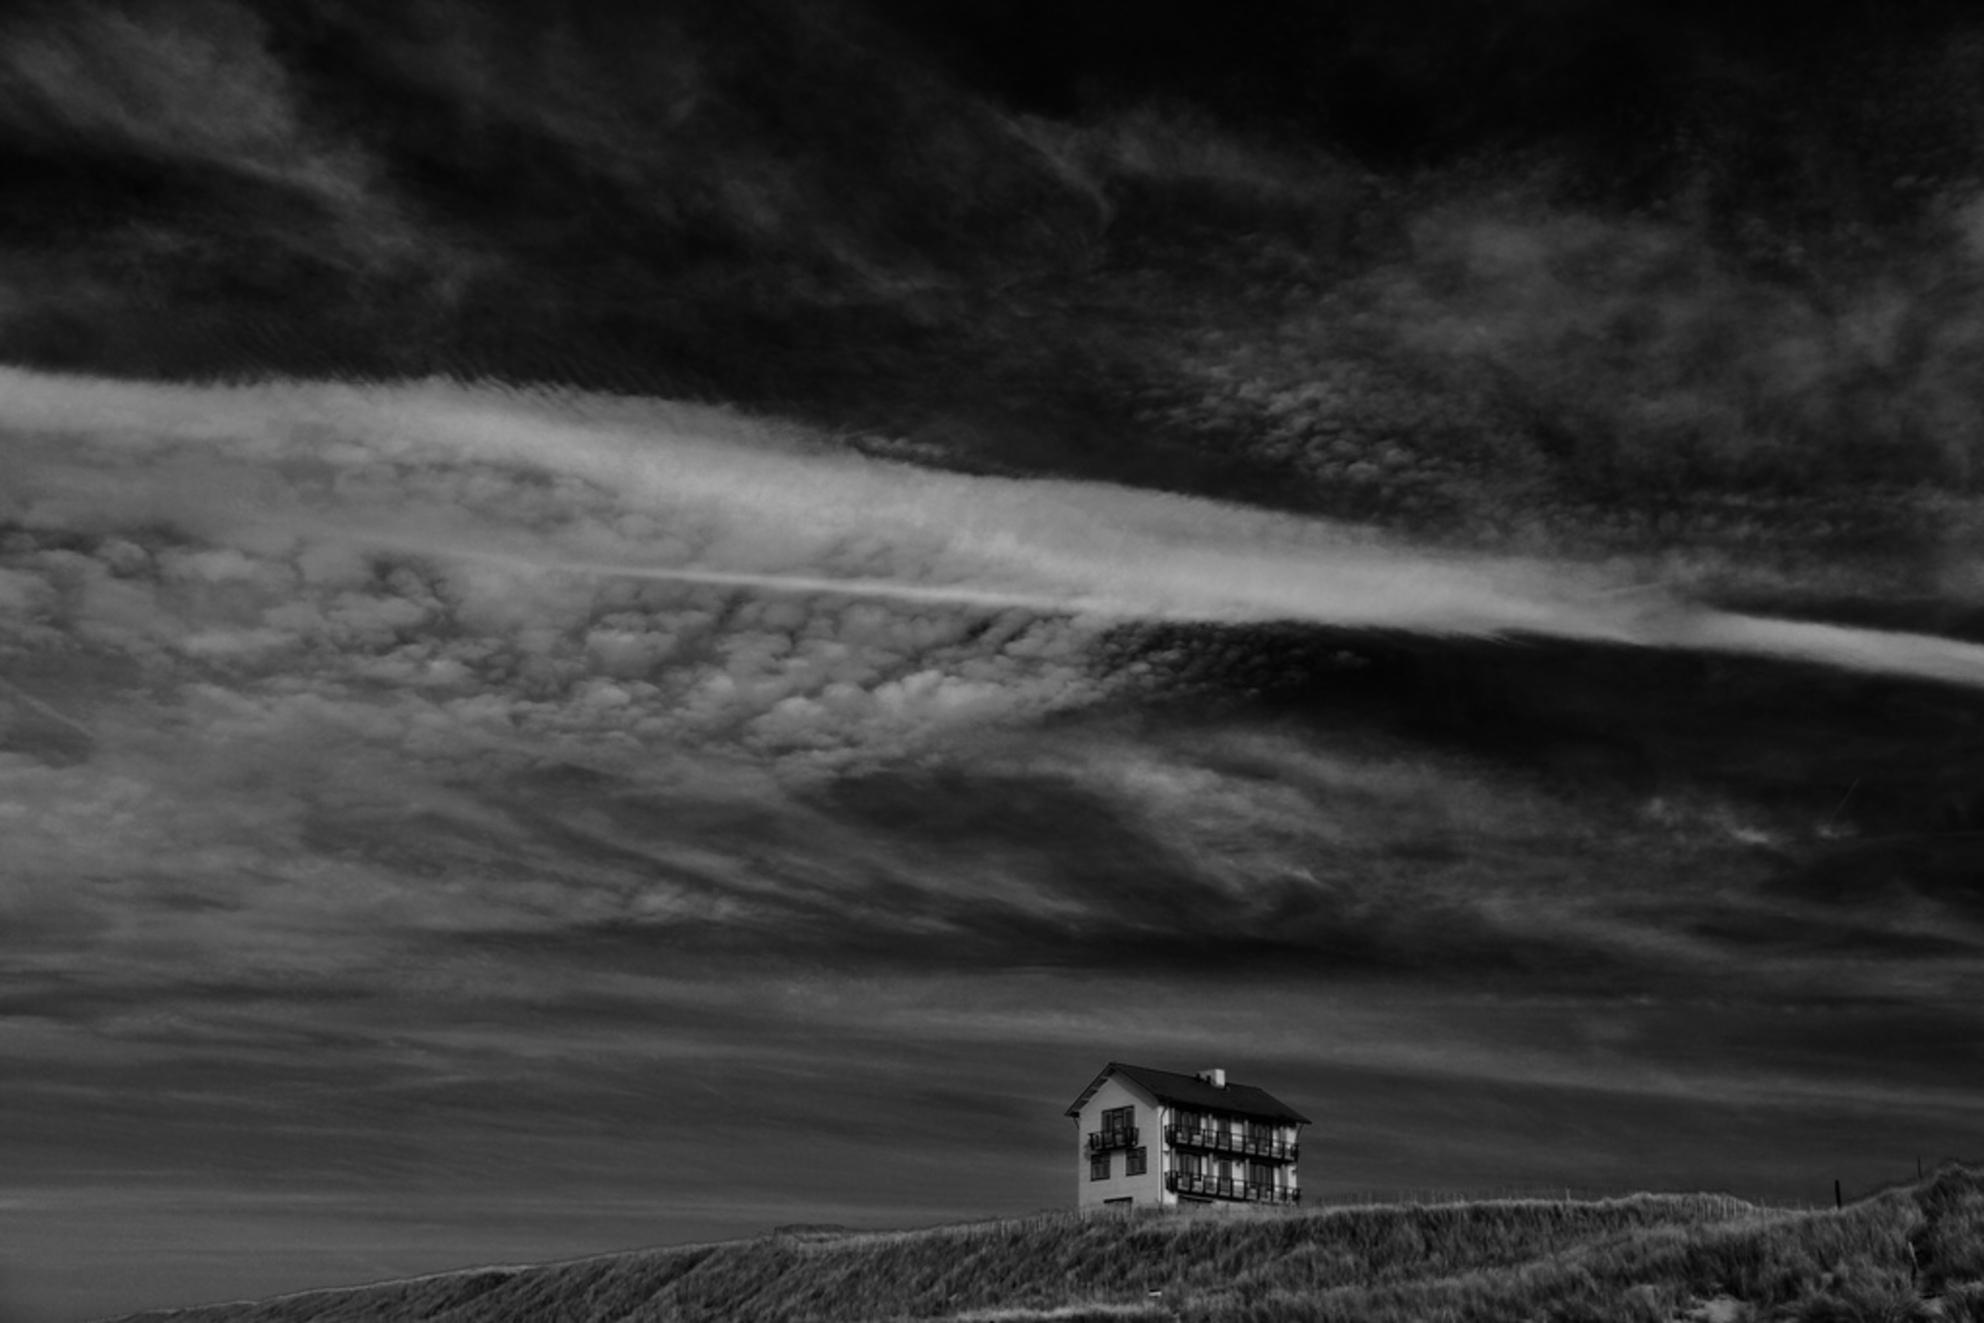 The Shining - Bergen aan Zee - foto door Feije op 29-05-2010 - deze foto bevat: strand, duinen, eenzaam, zw, huis, zwart wit, bergen aan zee